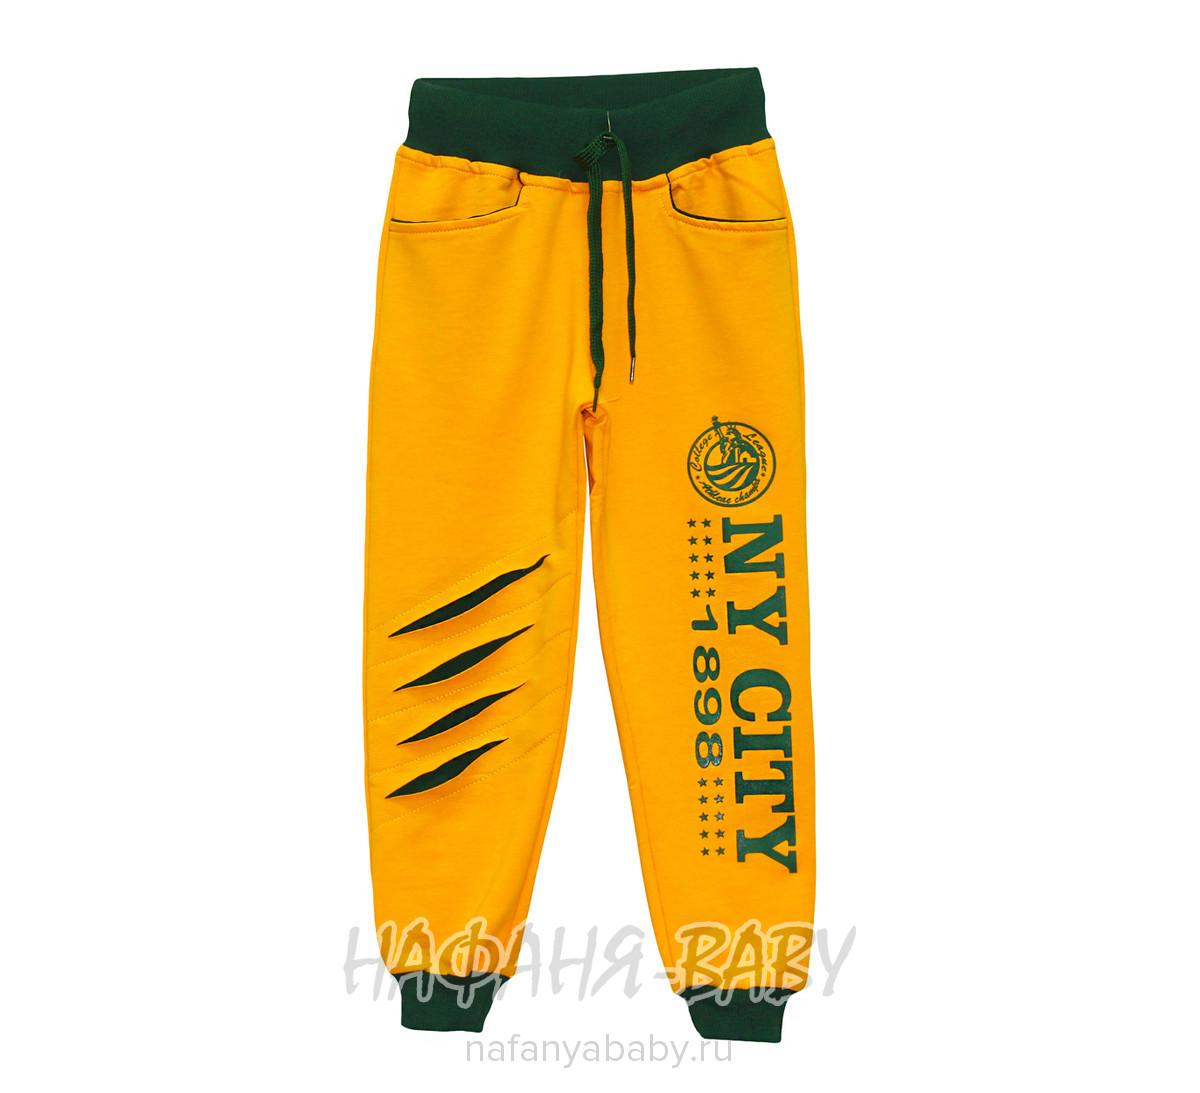 Детские брюки TNTS SPORTS арт: 2221 5-8, 1-4 года, 5-9 лет, цвет желтый с зелеными вставками, оптом Турция